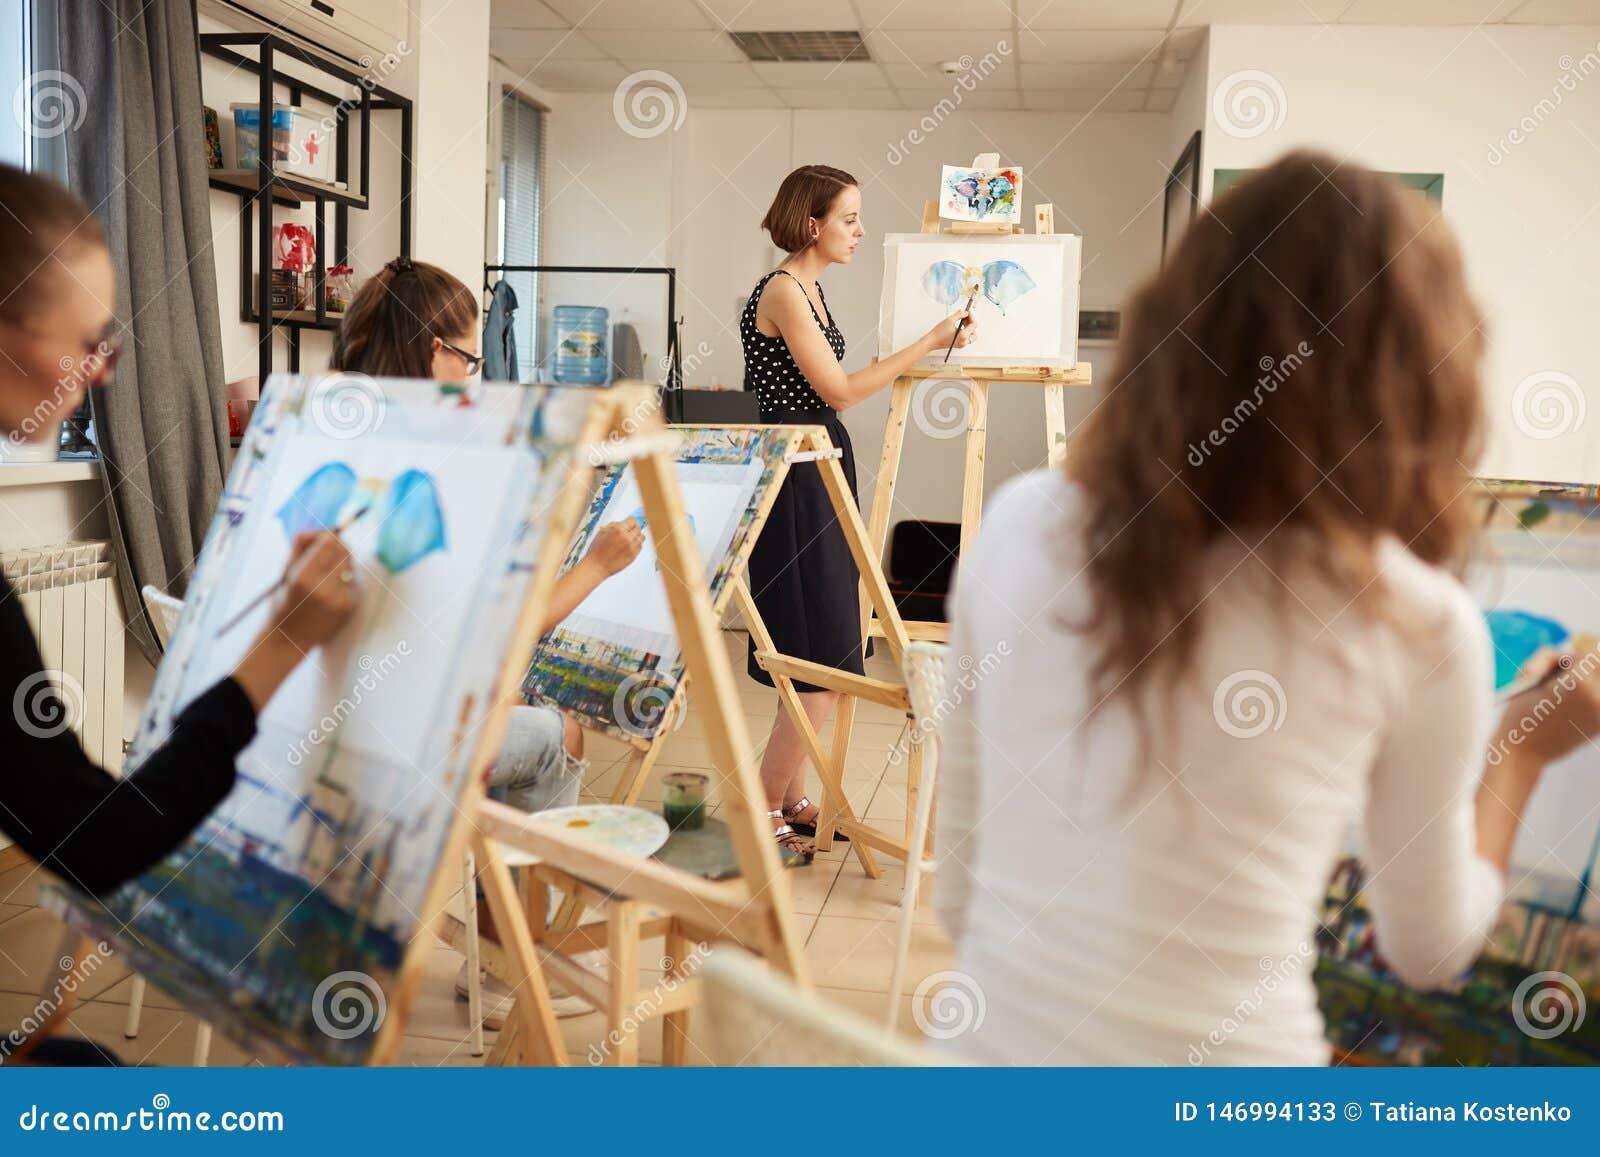 Маленькие девочки и рисуя изображения краски учителя сидя на мольбертах в студии искусства